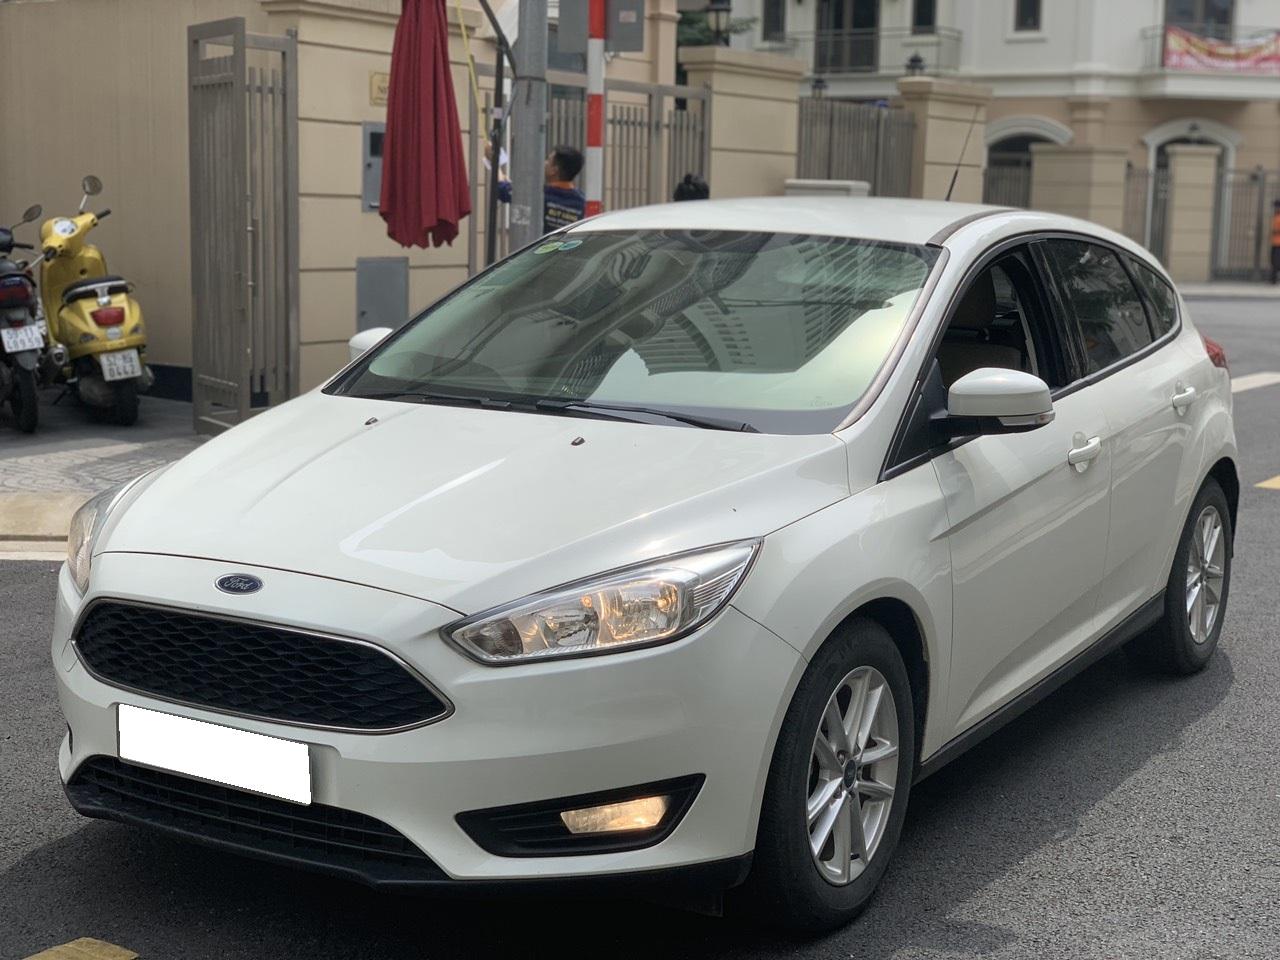 Bán xe Ford Focus Trend sản xuất 2017, màu trắng, giá chỉ 549 triệu